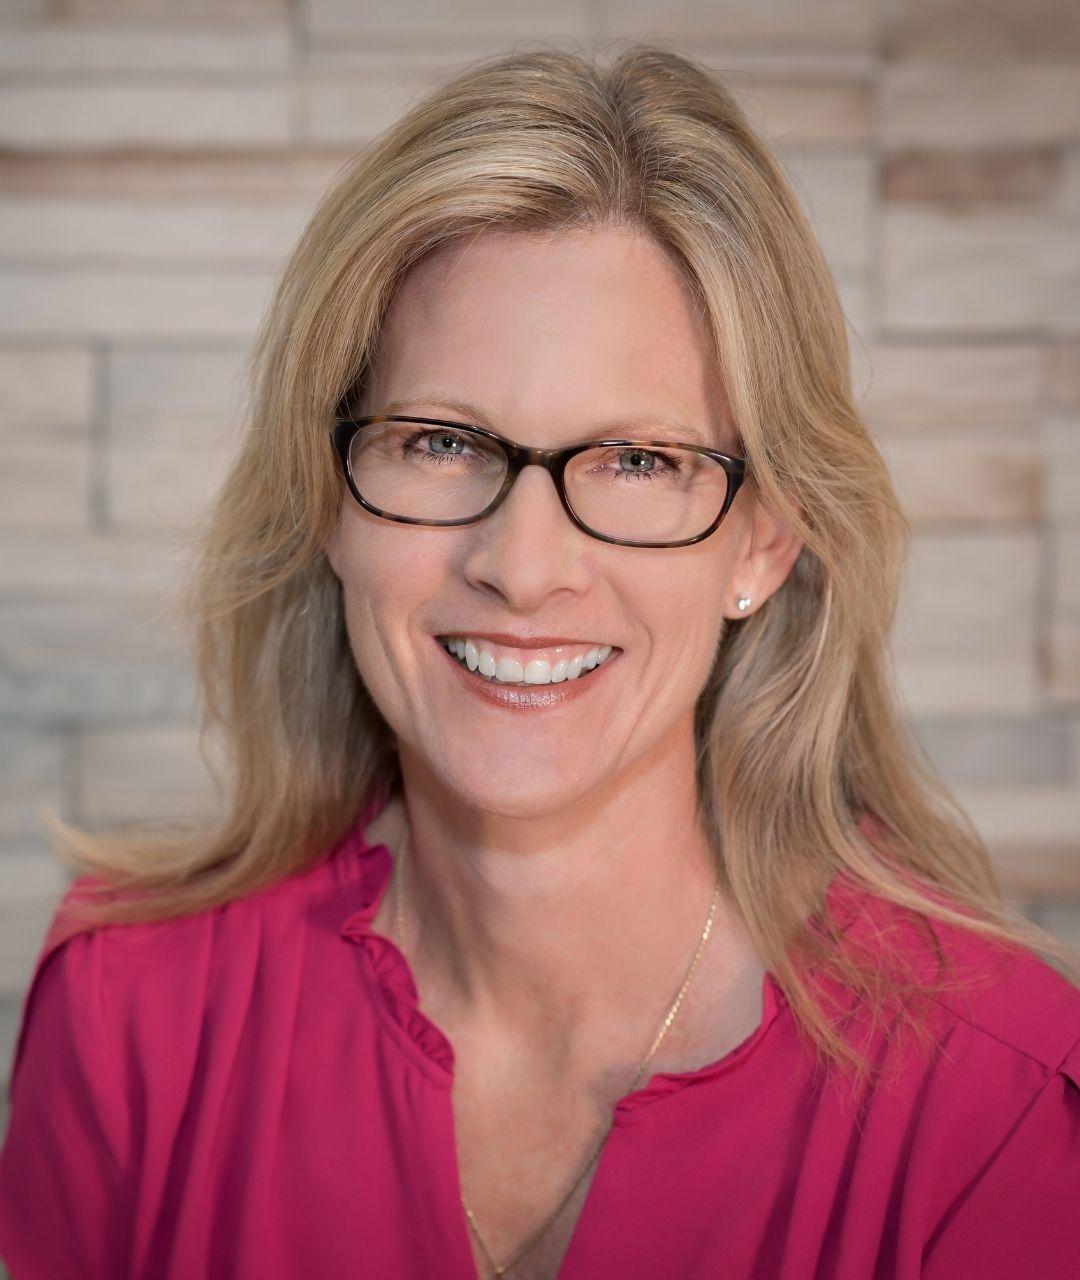 Deborah L. Smith, M.A., LPC, CPCS